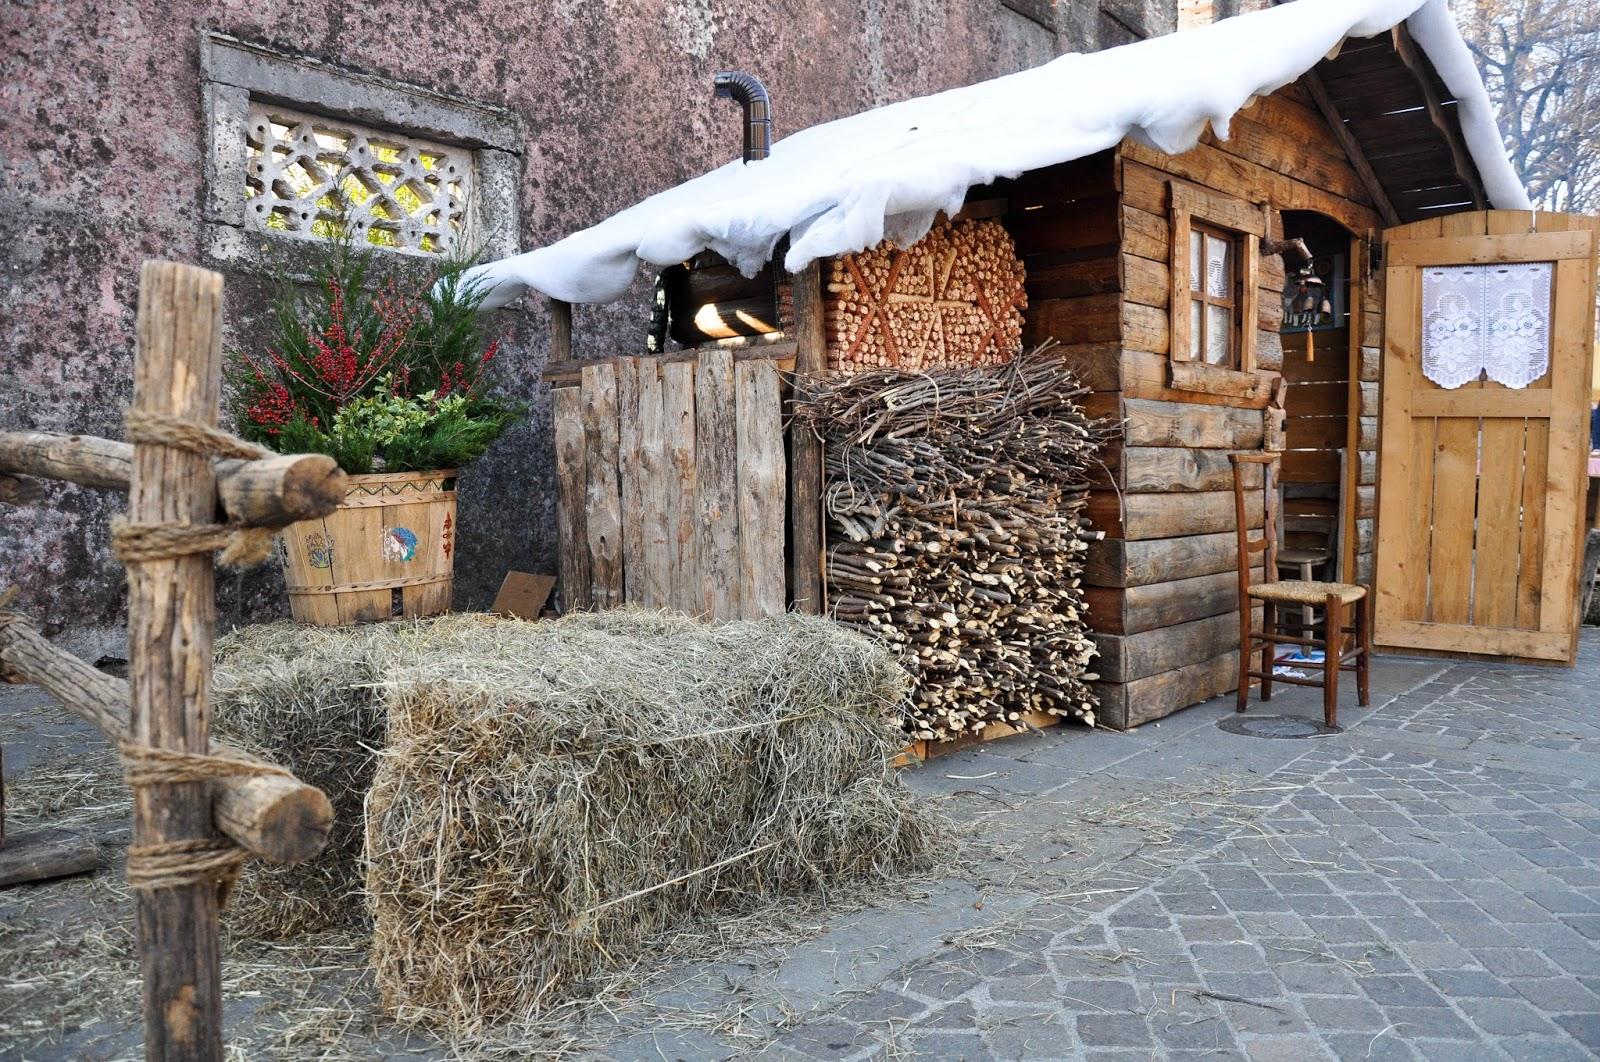 Alpine house, Natale di Fiaba 2015, Thiene, Italy